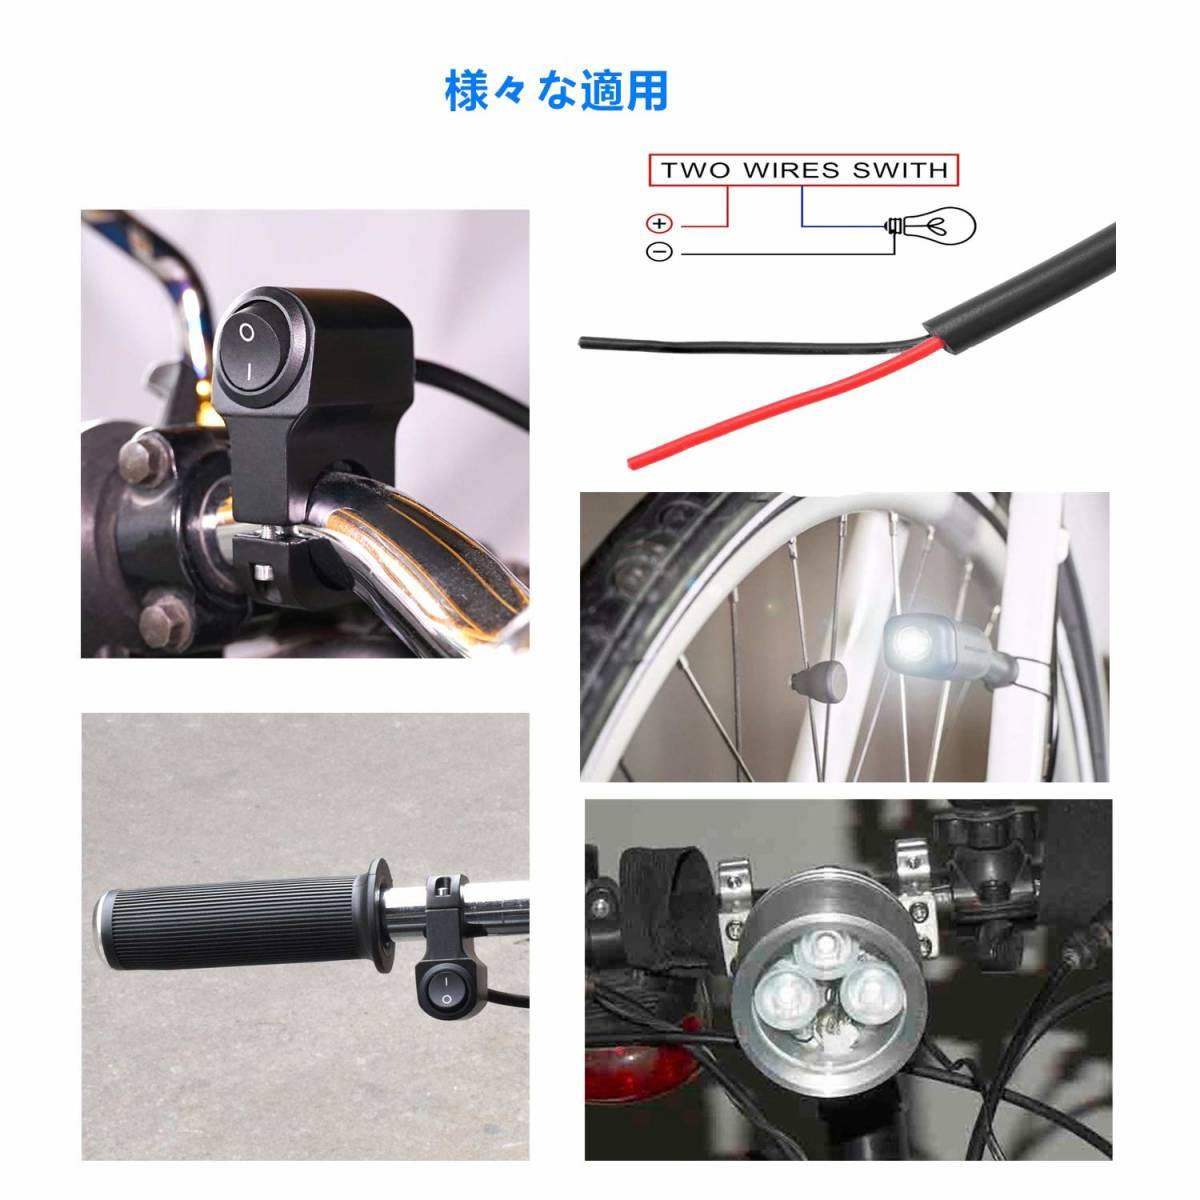 オートバイ/バイク ヘッドライト 補助灯 6連 ledフォグランプ ホワイト 2個入り 12V スポットライト プロジェクター バイク スイッチ*1_画像2